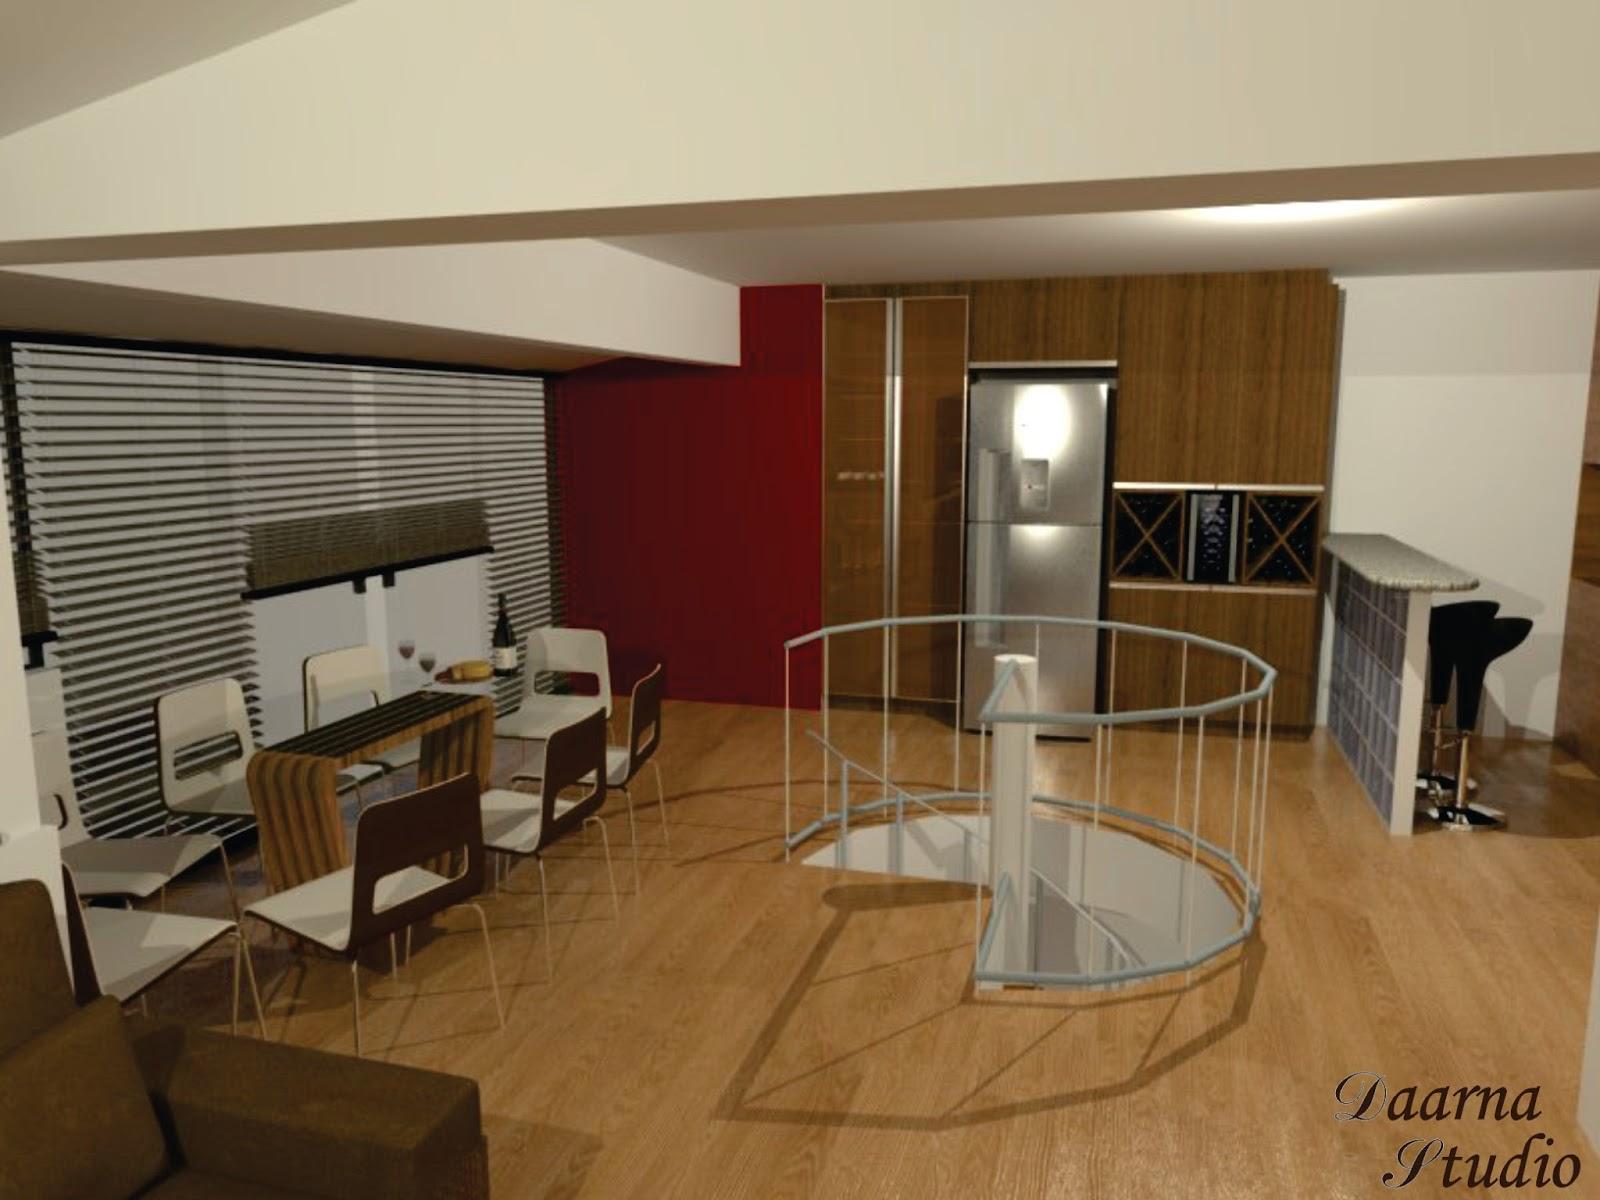 Daarna Arquitetura & Interiores: Projeto de Reforma Cozinha #624120 1600 1200